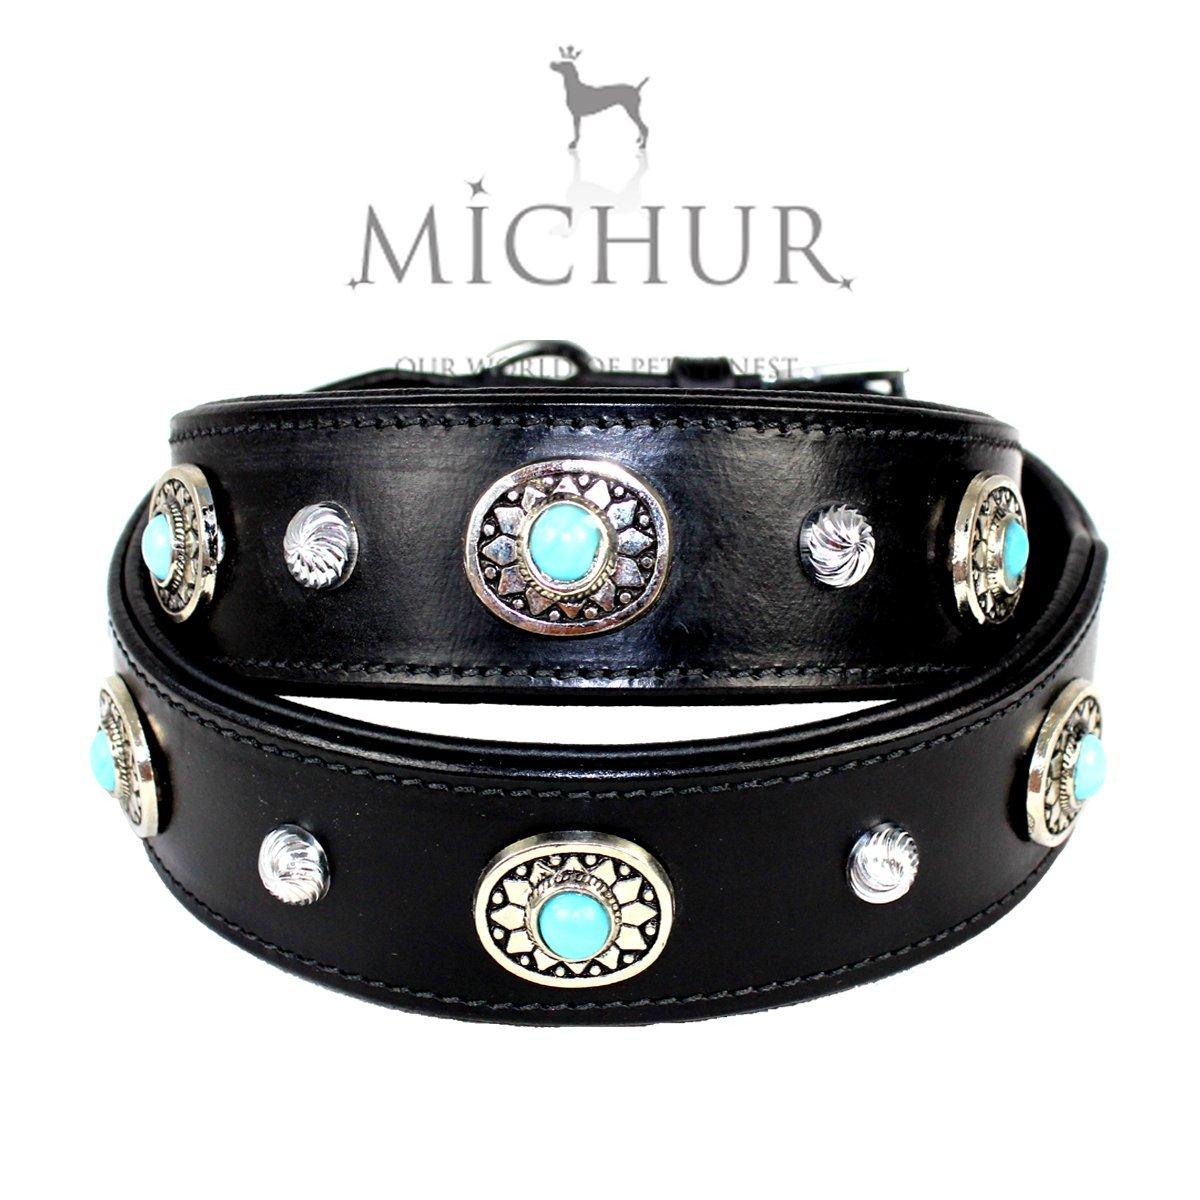 Alonzo - Collier en cuir pour chien avec pierres bleues - Couleur : noir, différentes tailles Michur